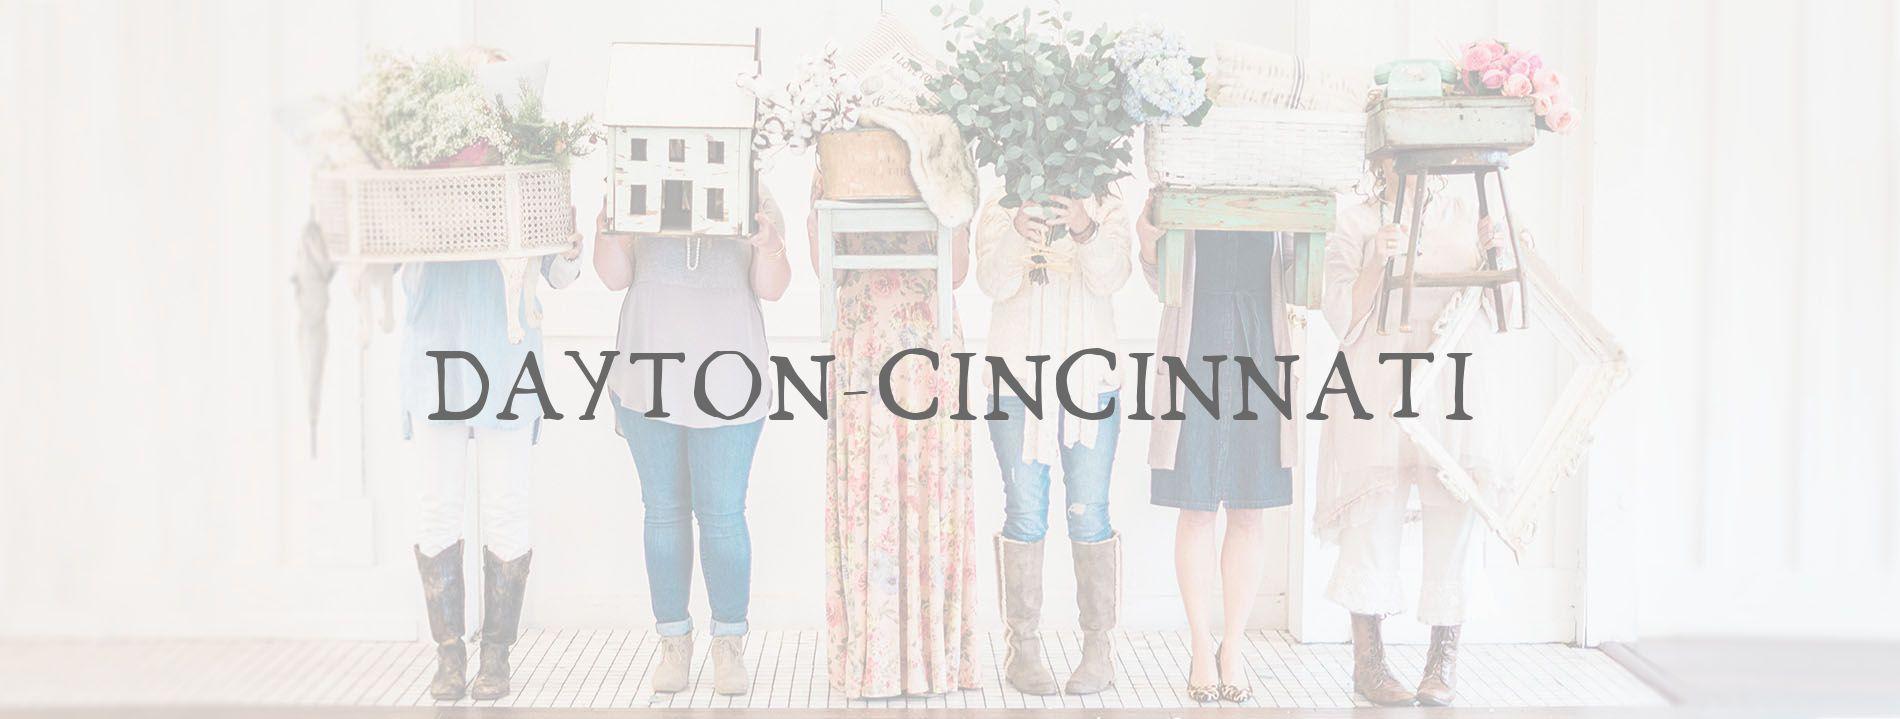 Dayton-Cincinnati